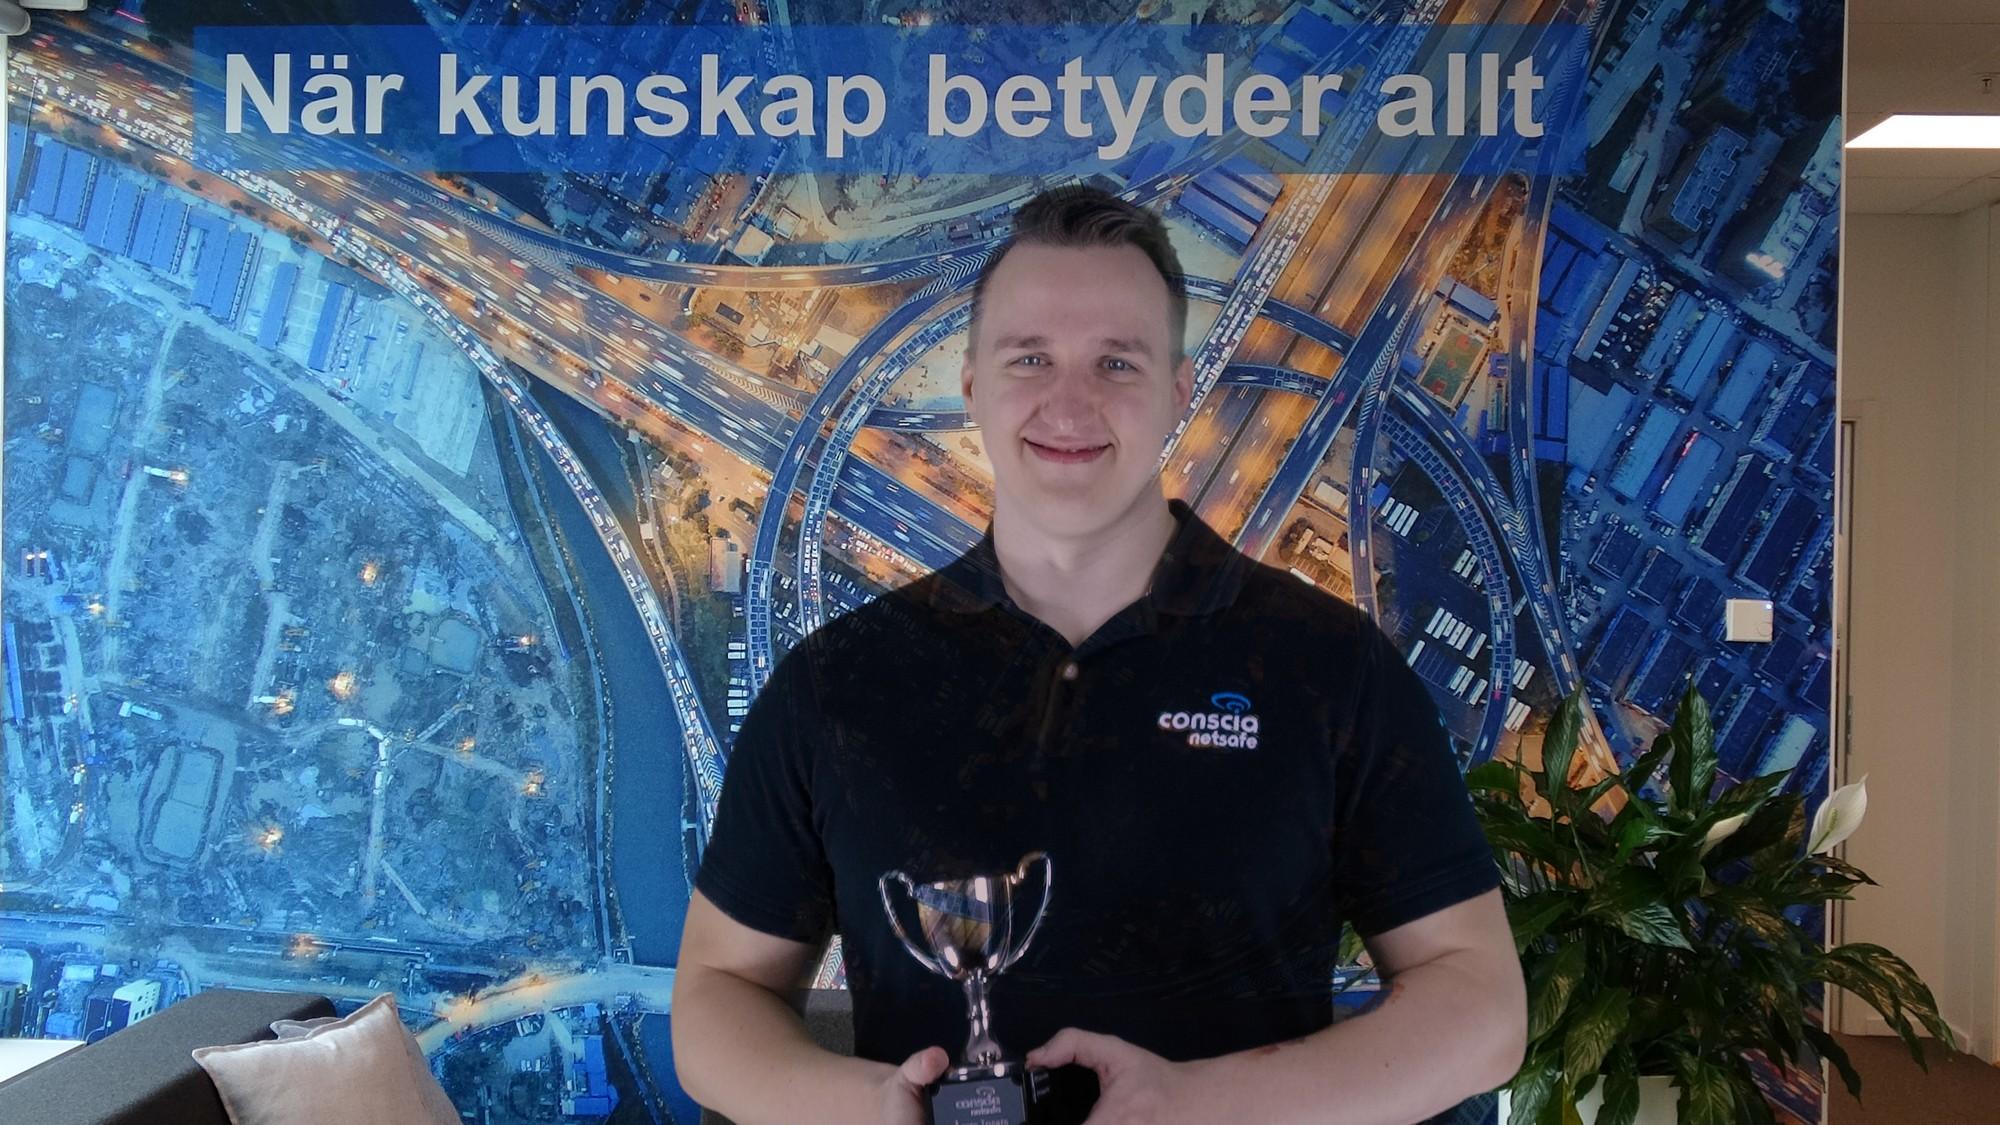 Årets Insats 2019 på Conscia Netsafe stod Sebastian Pesic för